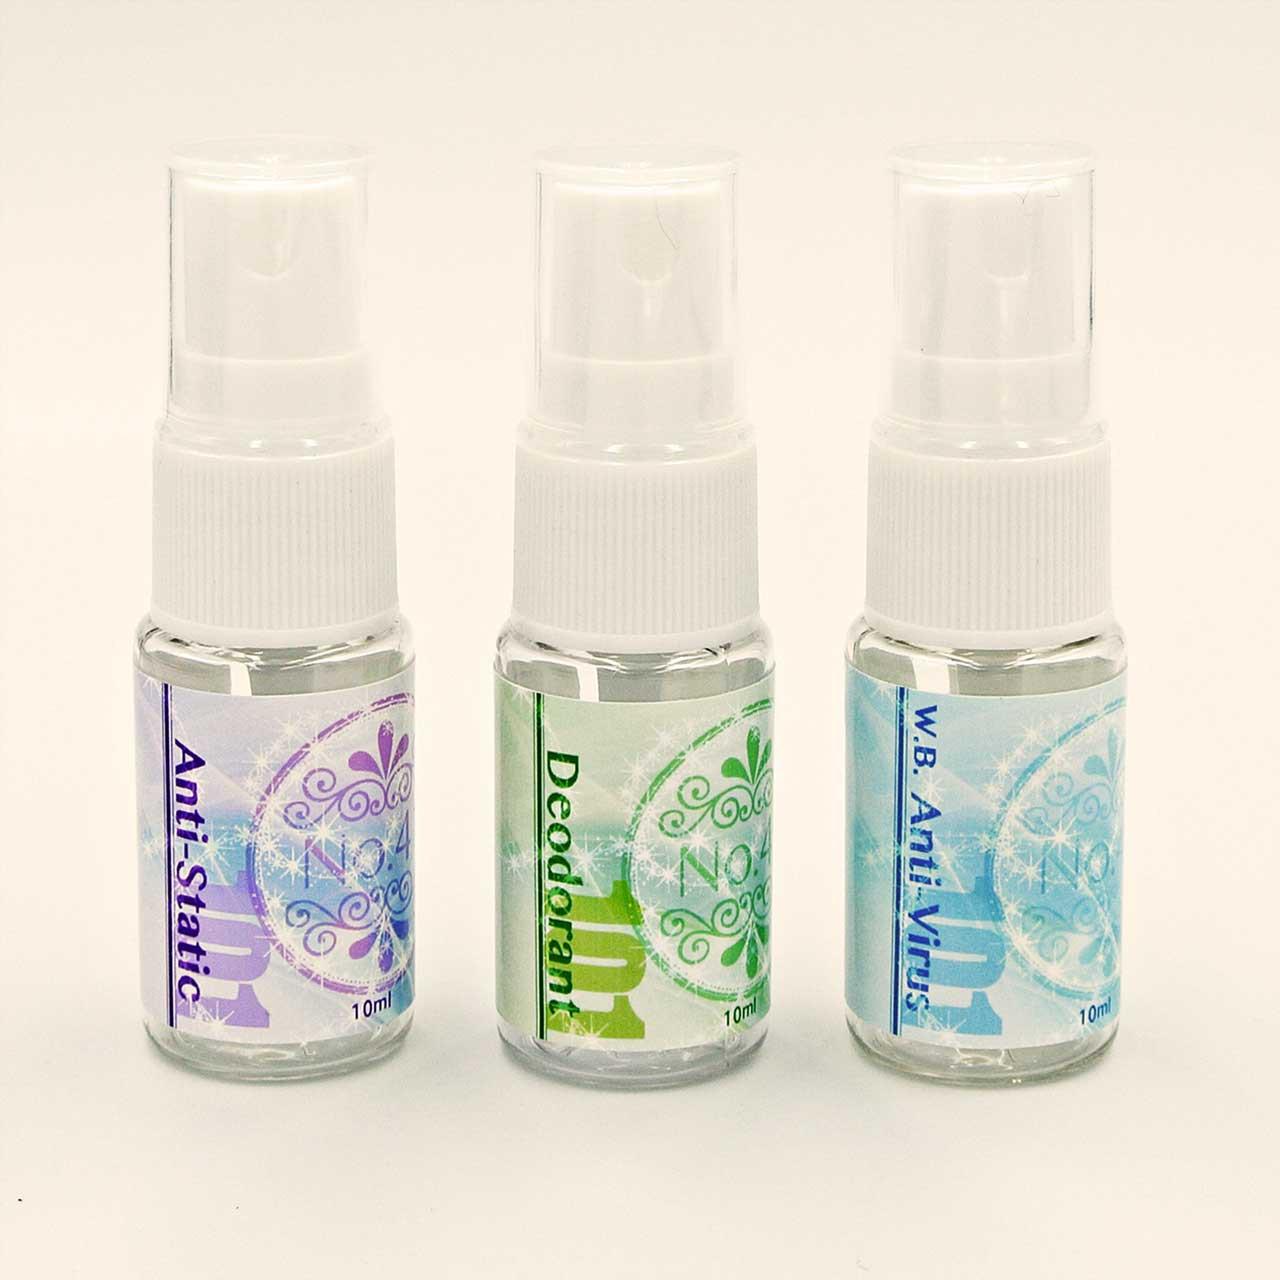 [新製品]機能性アロマ3シリーズ(風邪・インフル・花粉症対策、静電気防止、防臭)